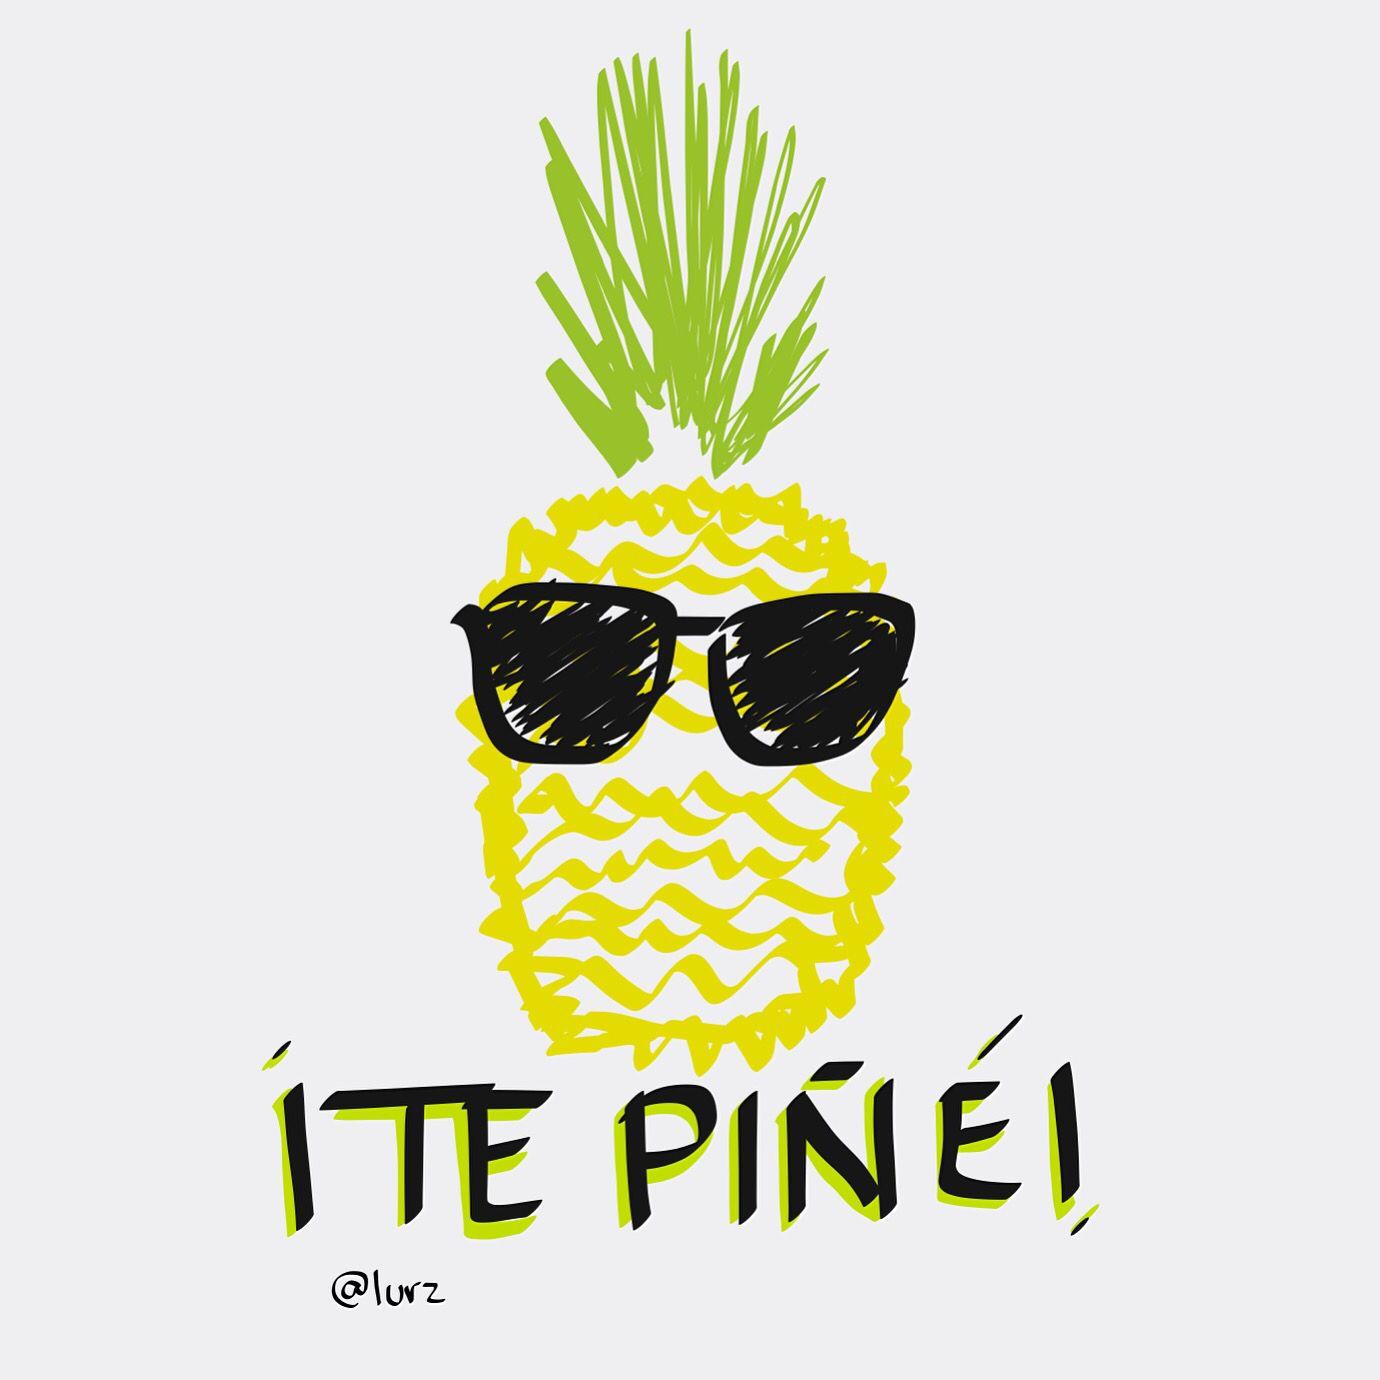 Pineapple in sunnies! Piña en gafas oscuras! Te piñé! Doodle!